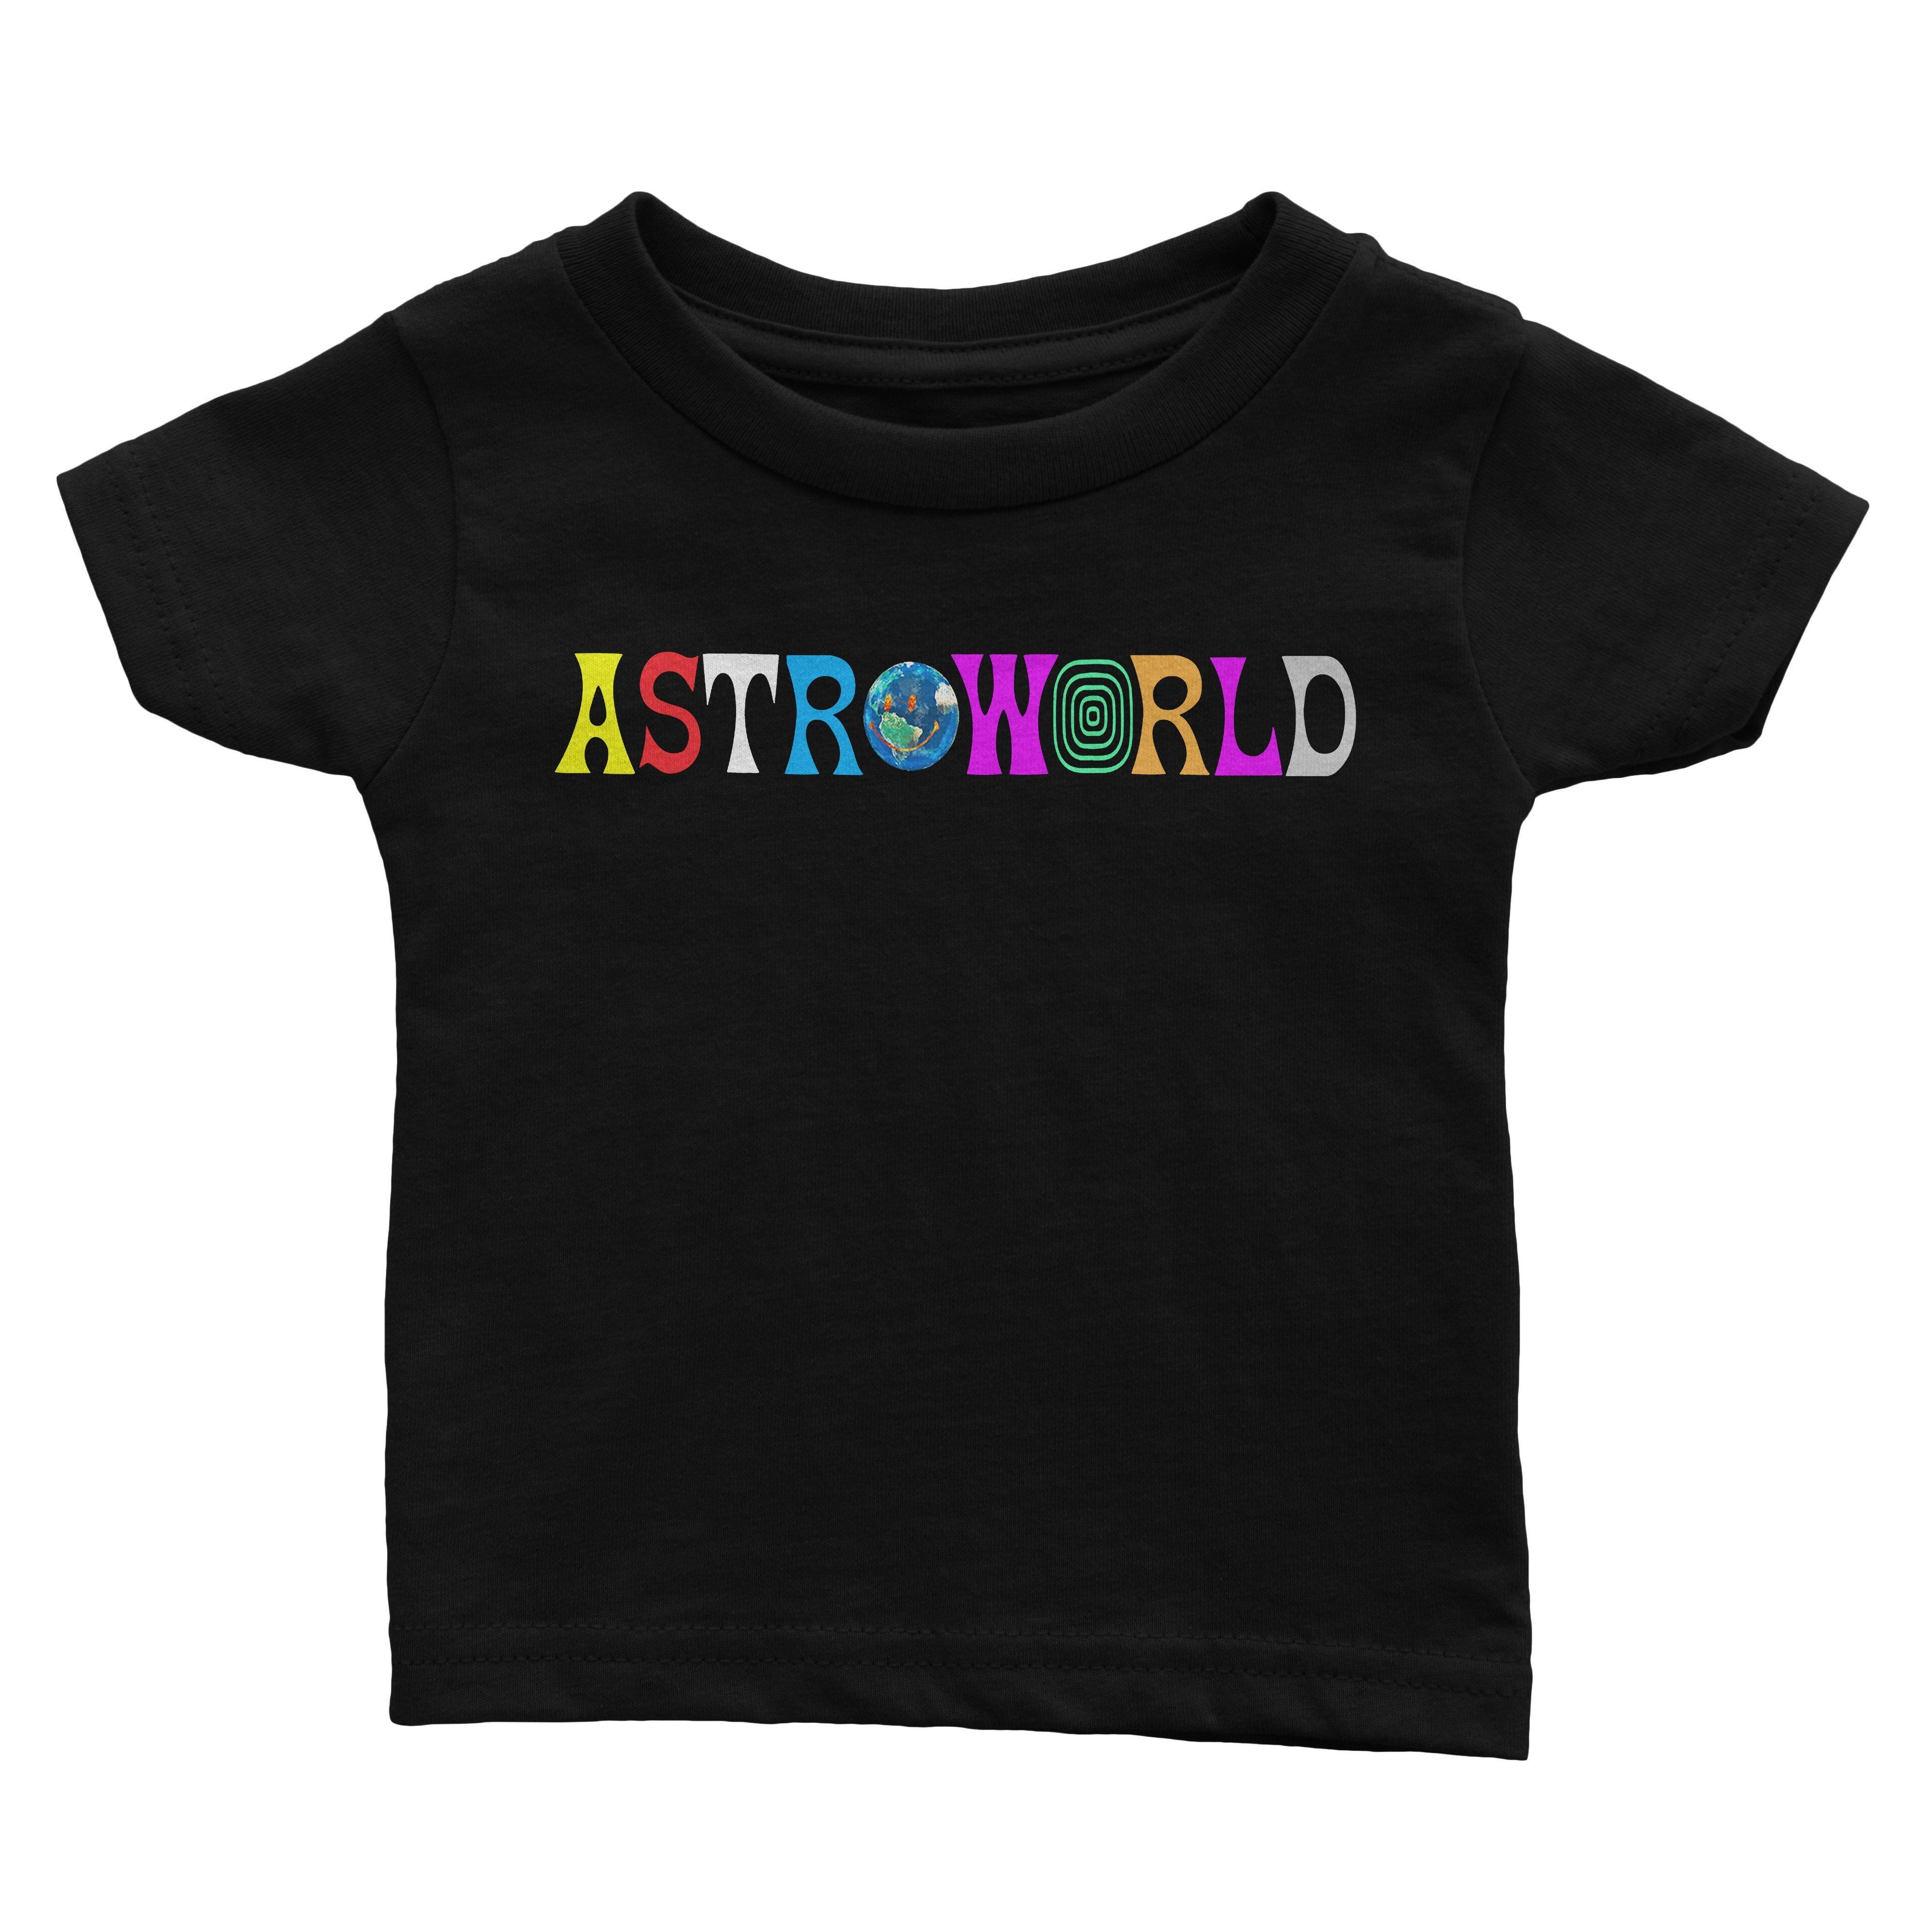 Astroworld Travis Scott T Shirt Youth Travis Scott T Shirt Shirts Festival T Shirts